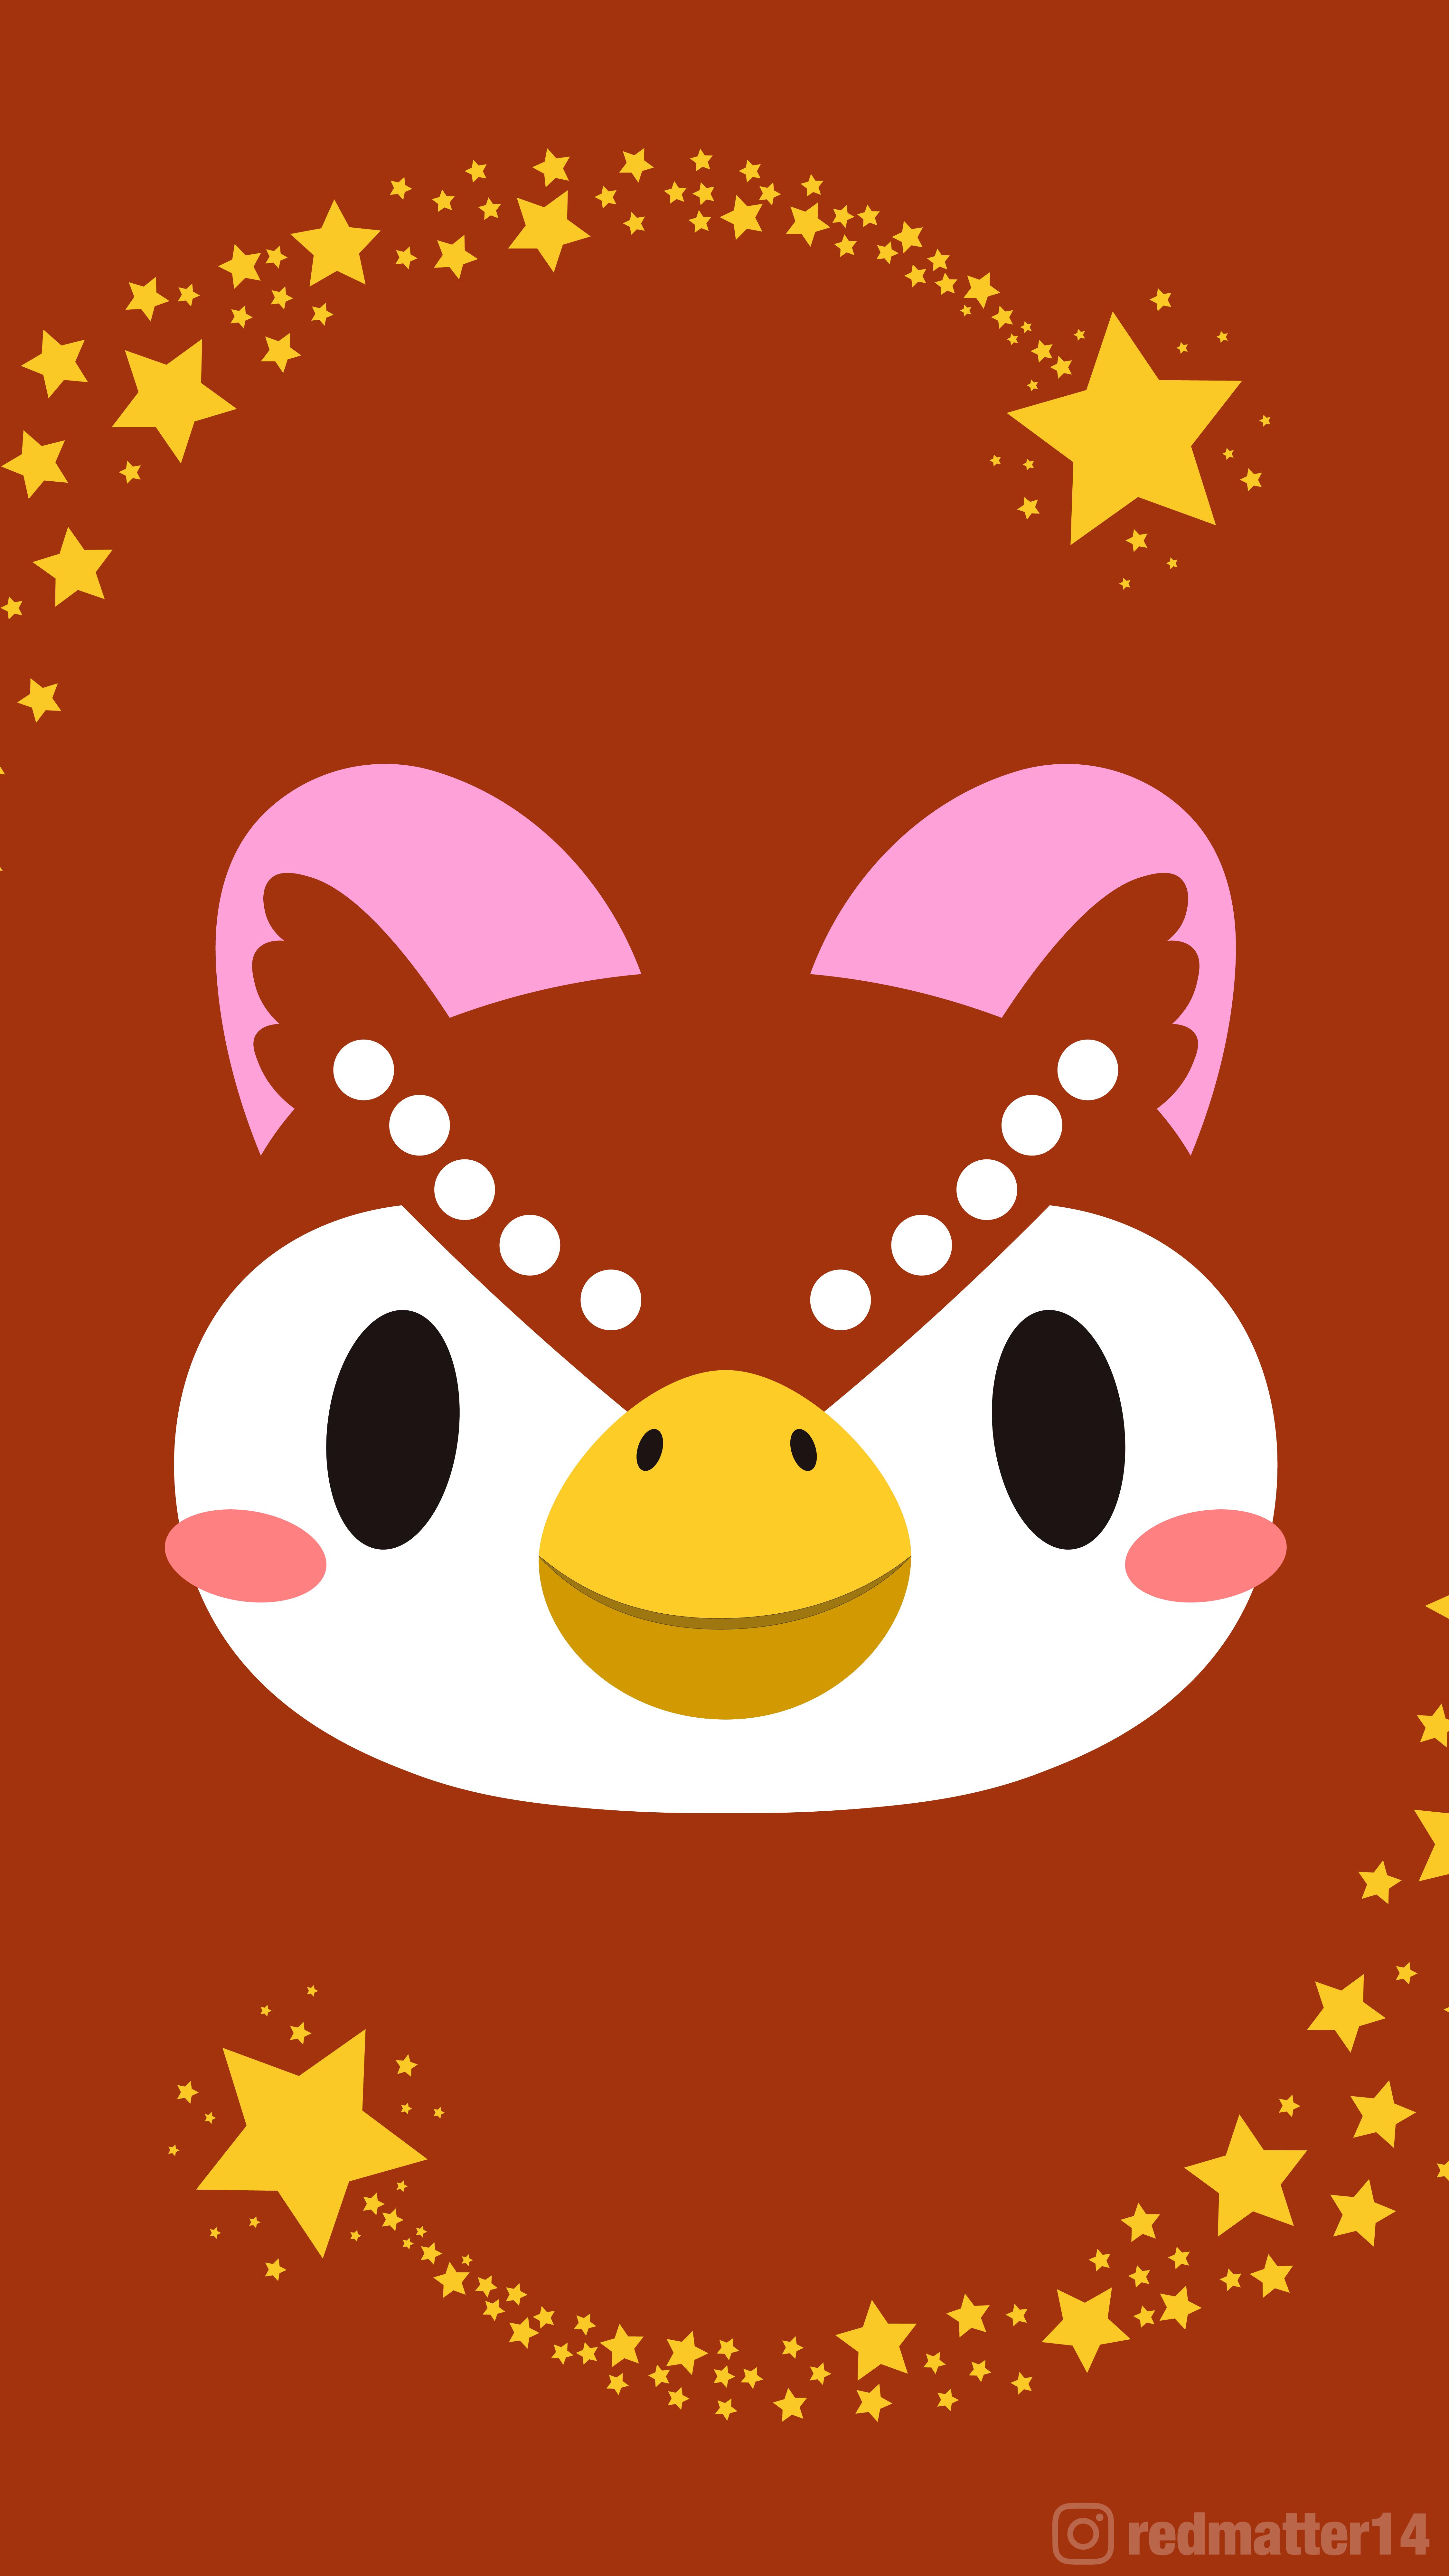 Celeste Animal Crossing Wallpaper Animal Crossing Funny Animal Crossing Characters Animal Crossing Fan Art